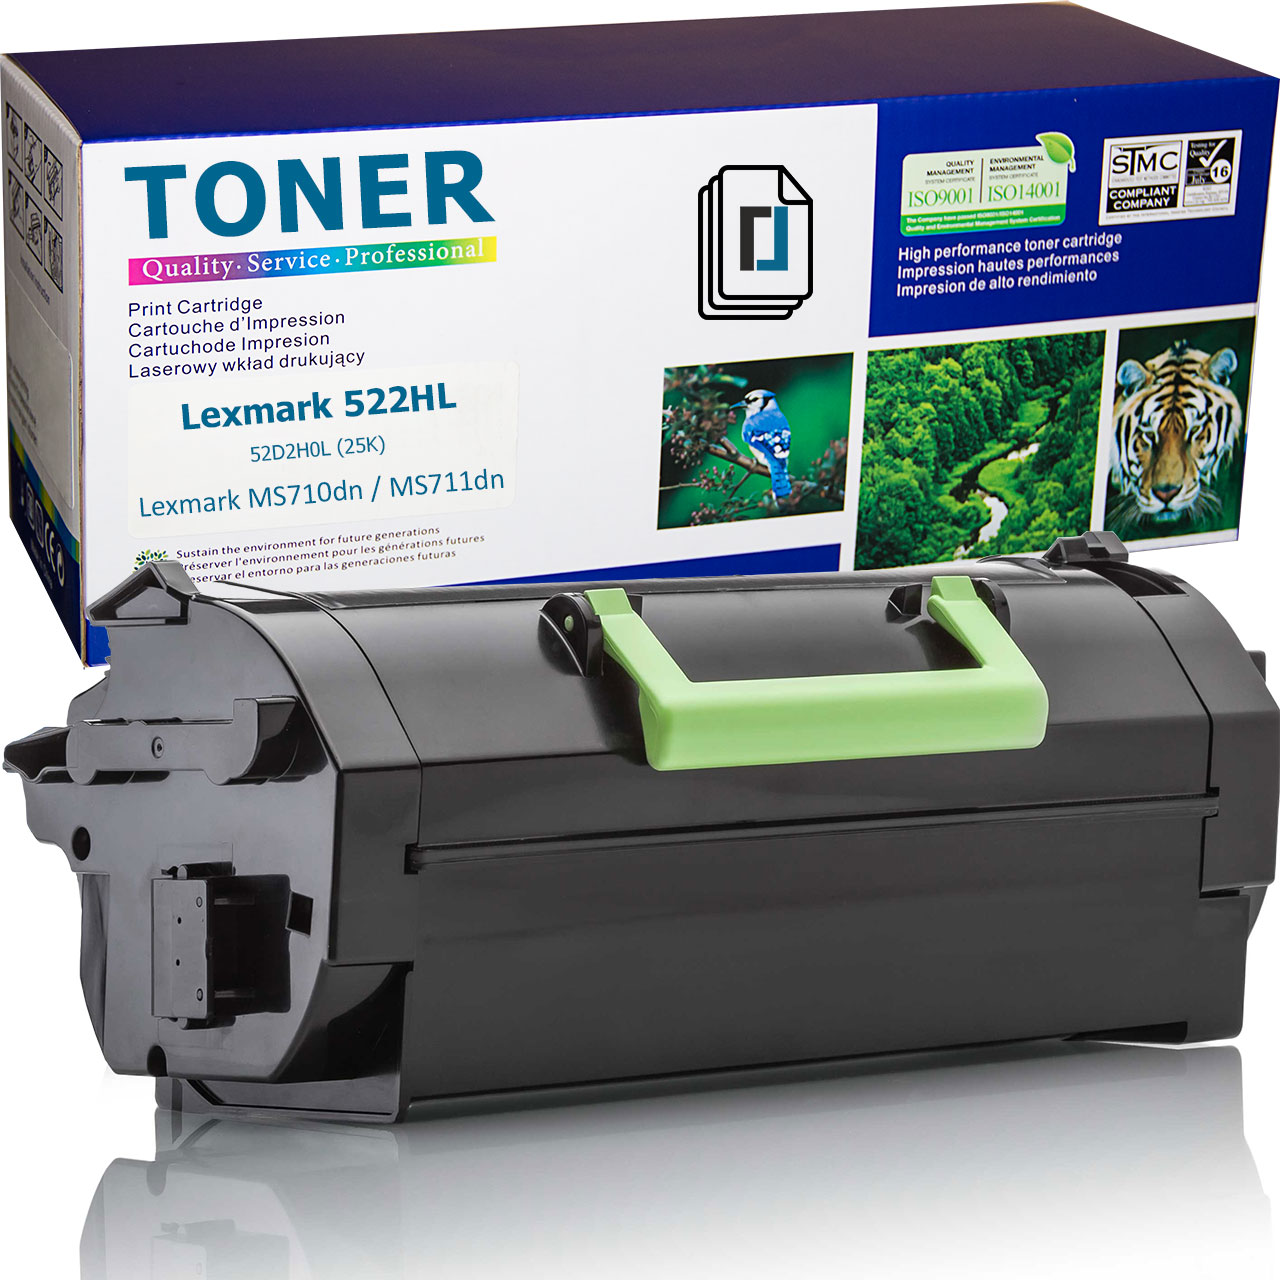 Нова тонер касета заместител Lexmark 522HL, 52D2H0L